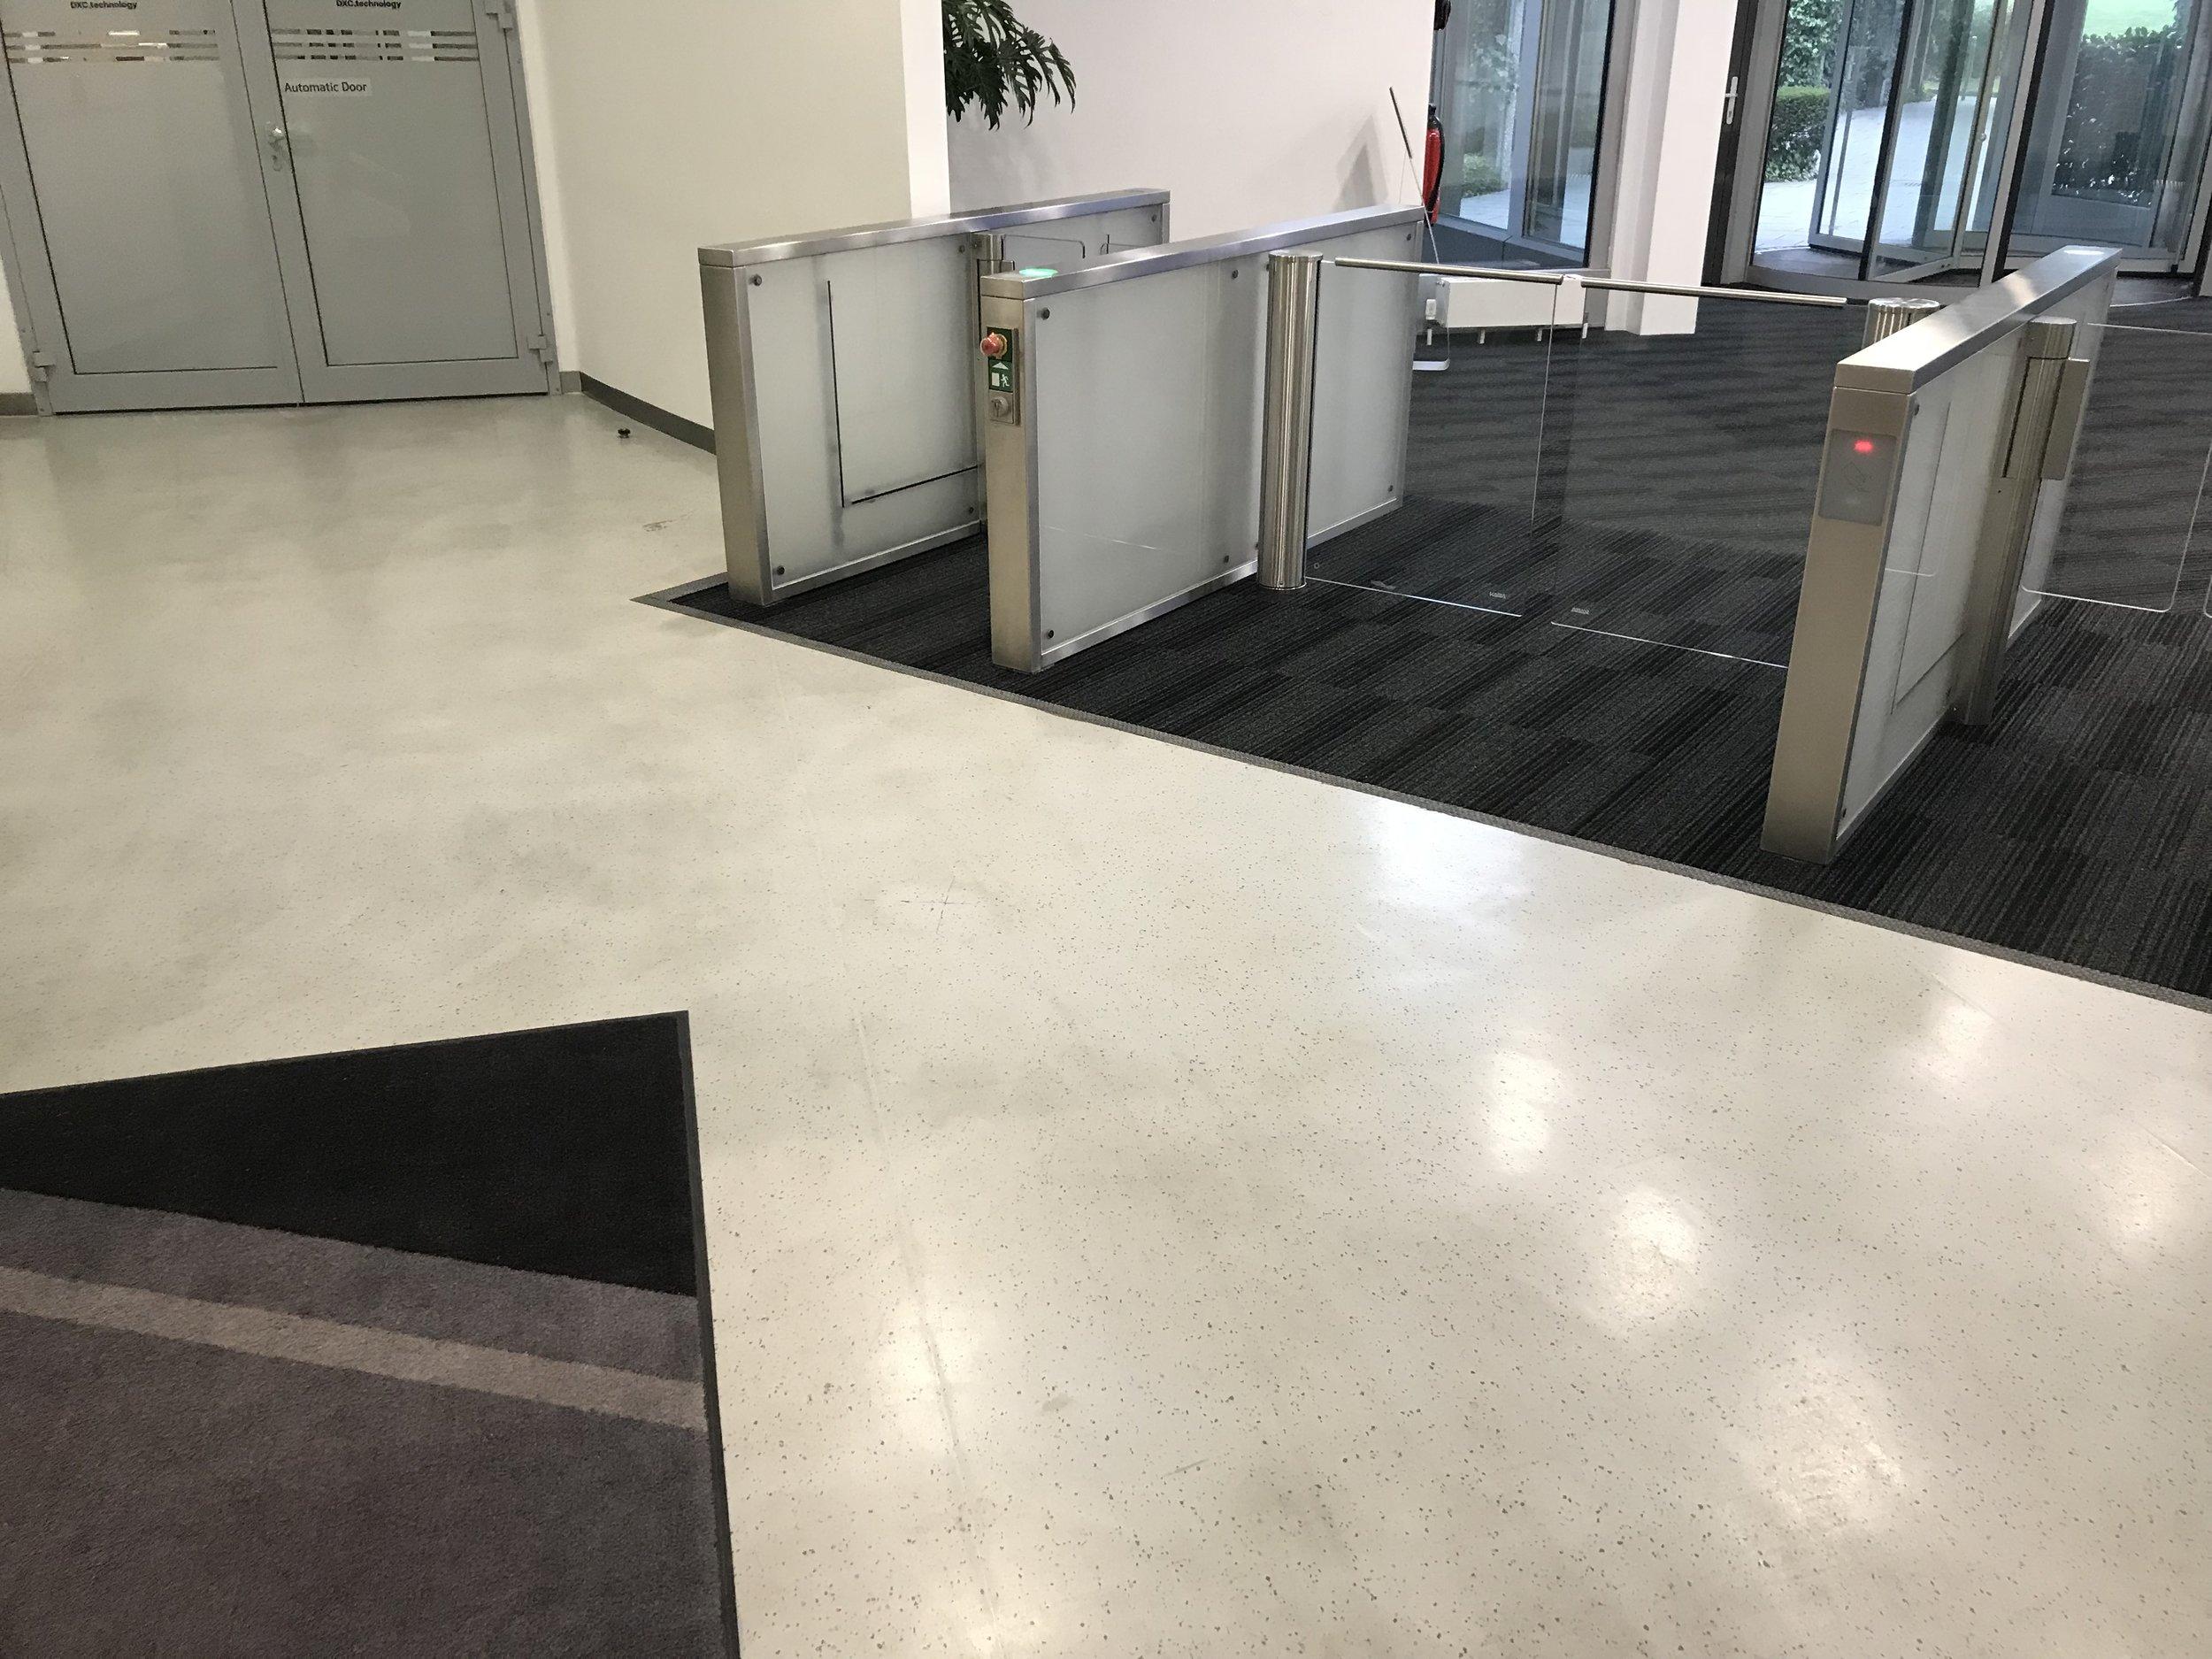 Bodenlag-Designfliesen-Doppelbodenrenovierung-Doppelboden-DOBOTEC-Objectflor-Simplay-selbstliegend-Hewlett-Packard00018.jpg